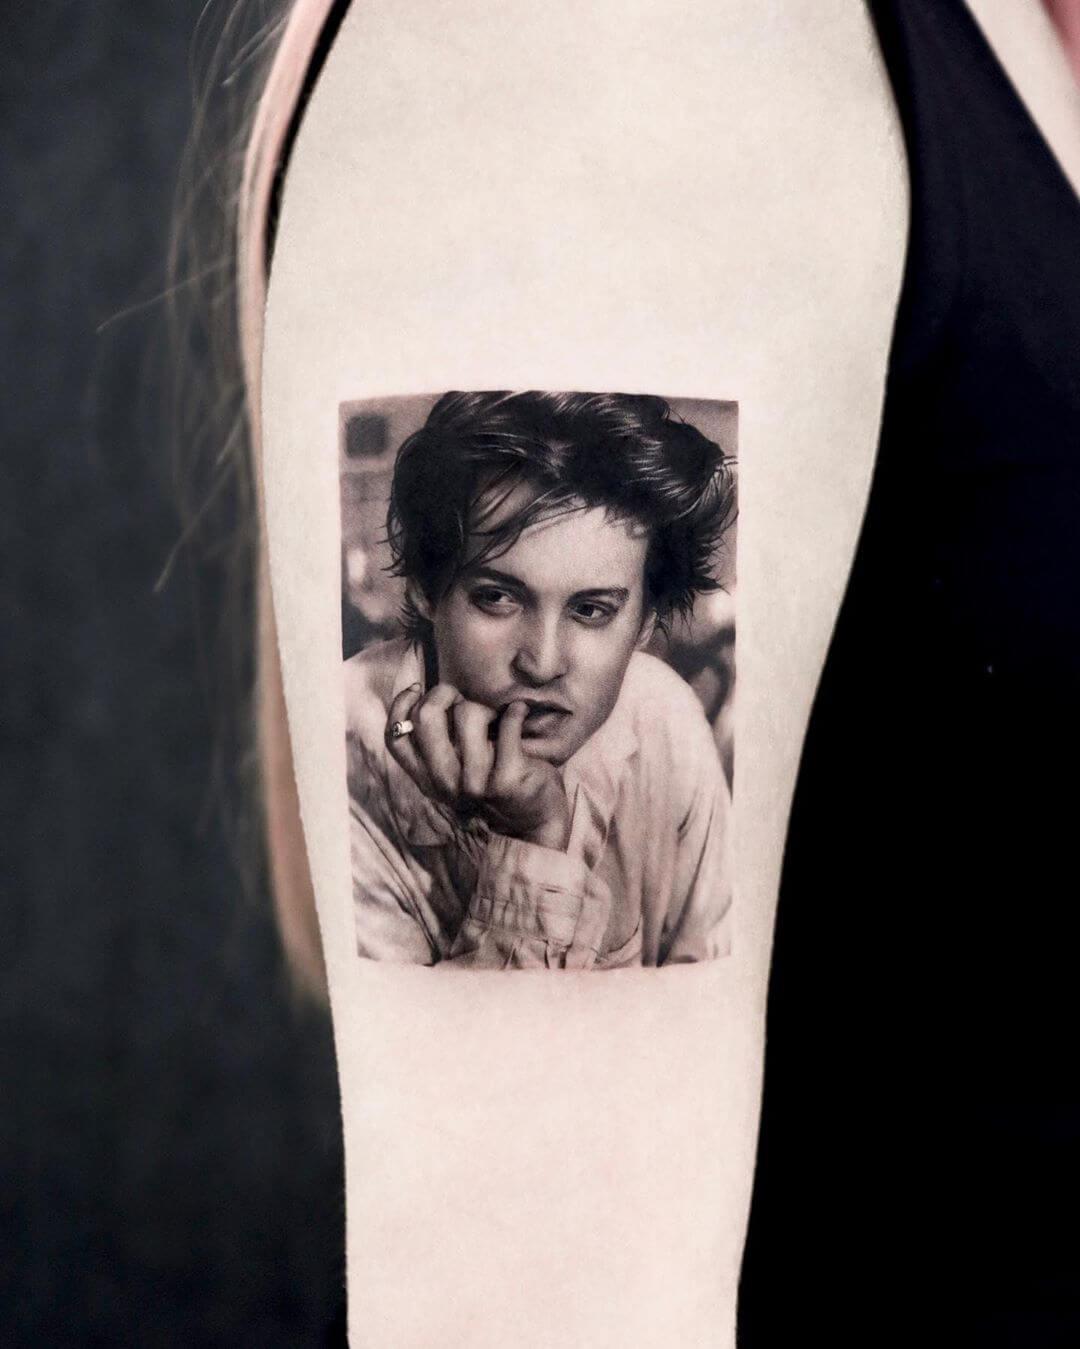 Johnny Depp portrait tattoo by Yeono